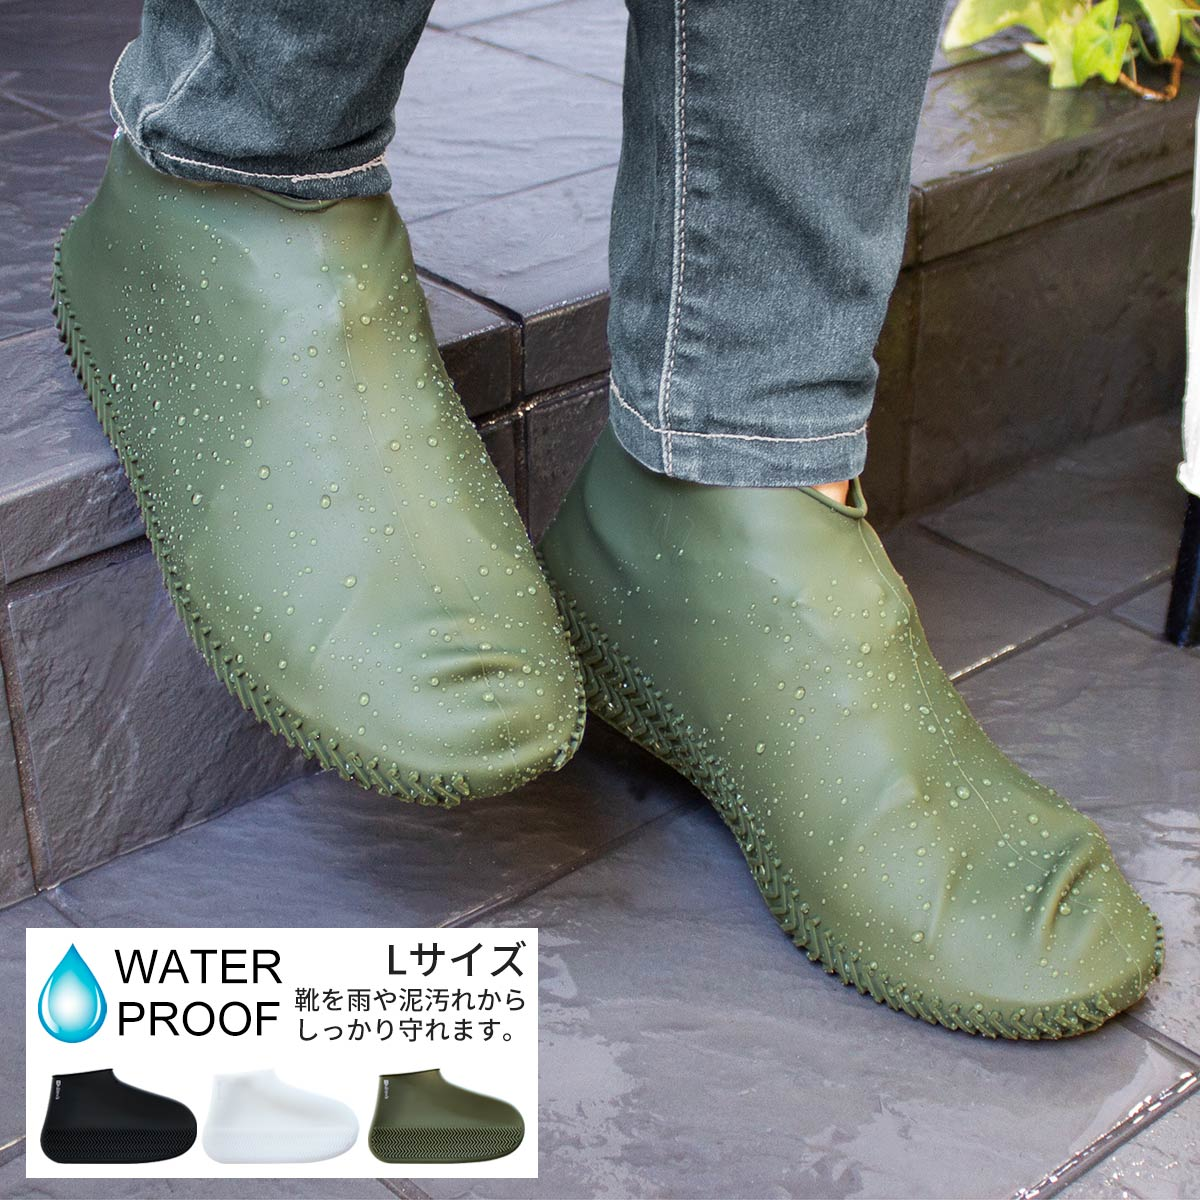 【最大2000円OFFクーポン】Kateva 防水シューズカバー Lサイズ 26-28cm 履いている靴に被せるだけのシューズカバー カラー3色 全国送料無料 スマートレター配達 ※ポスト投函になります。